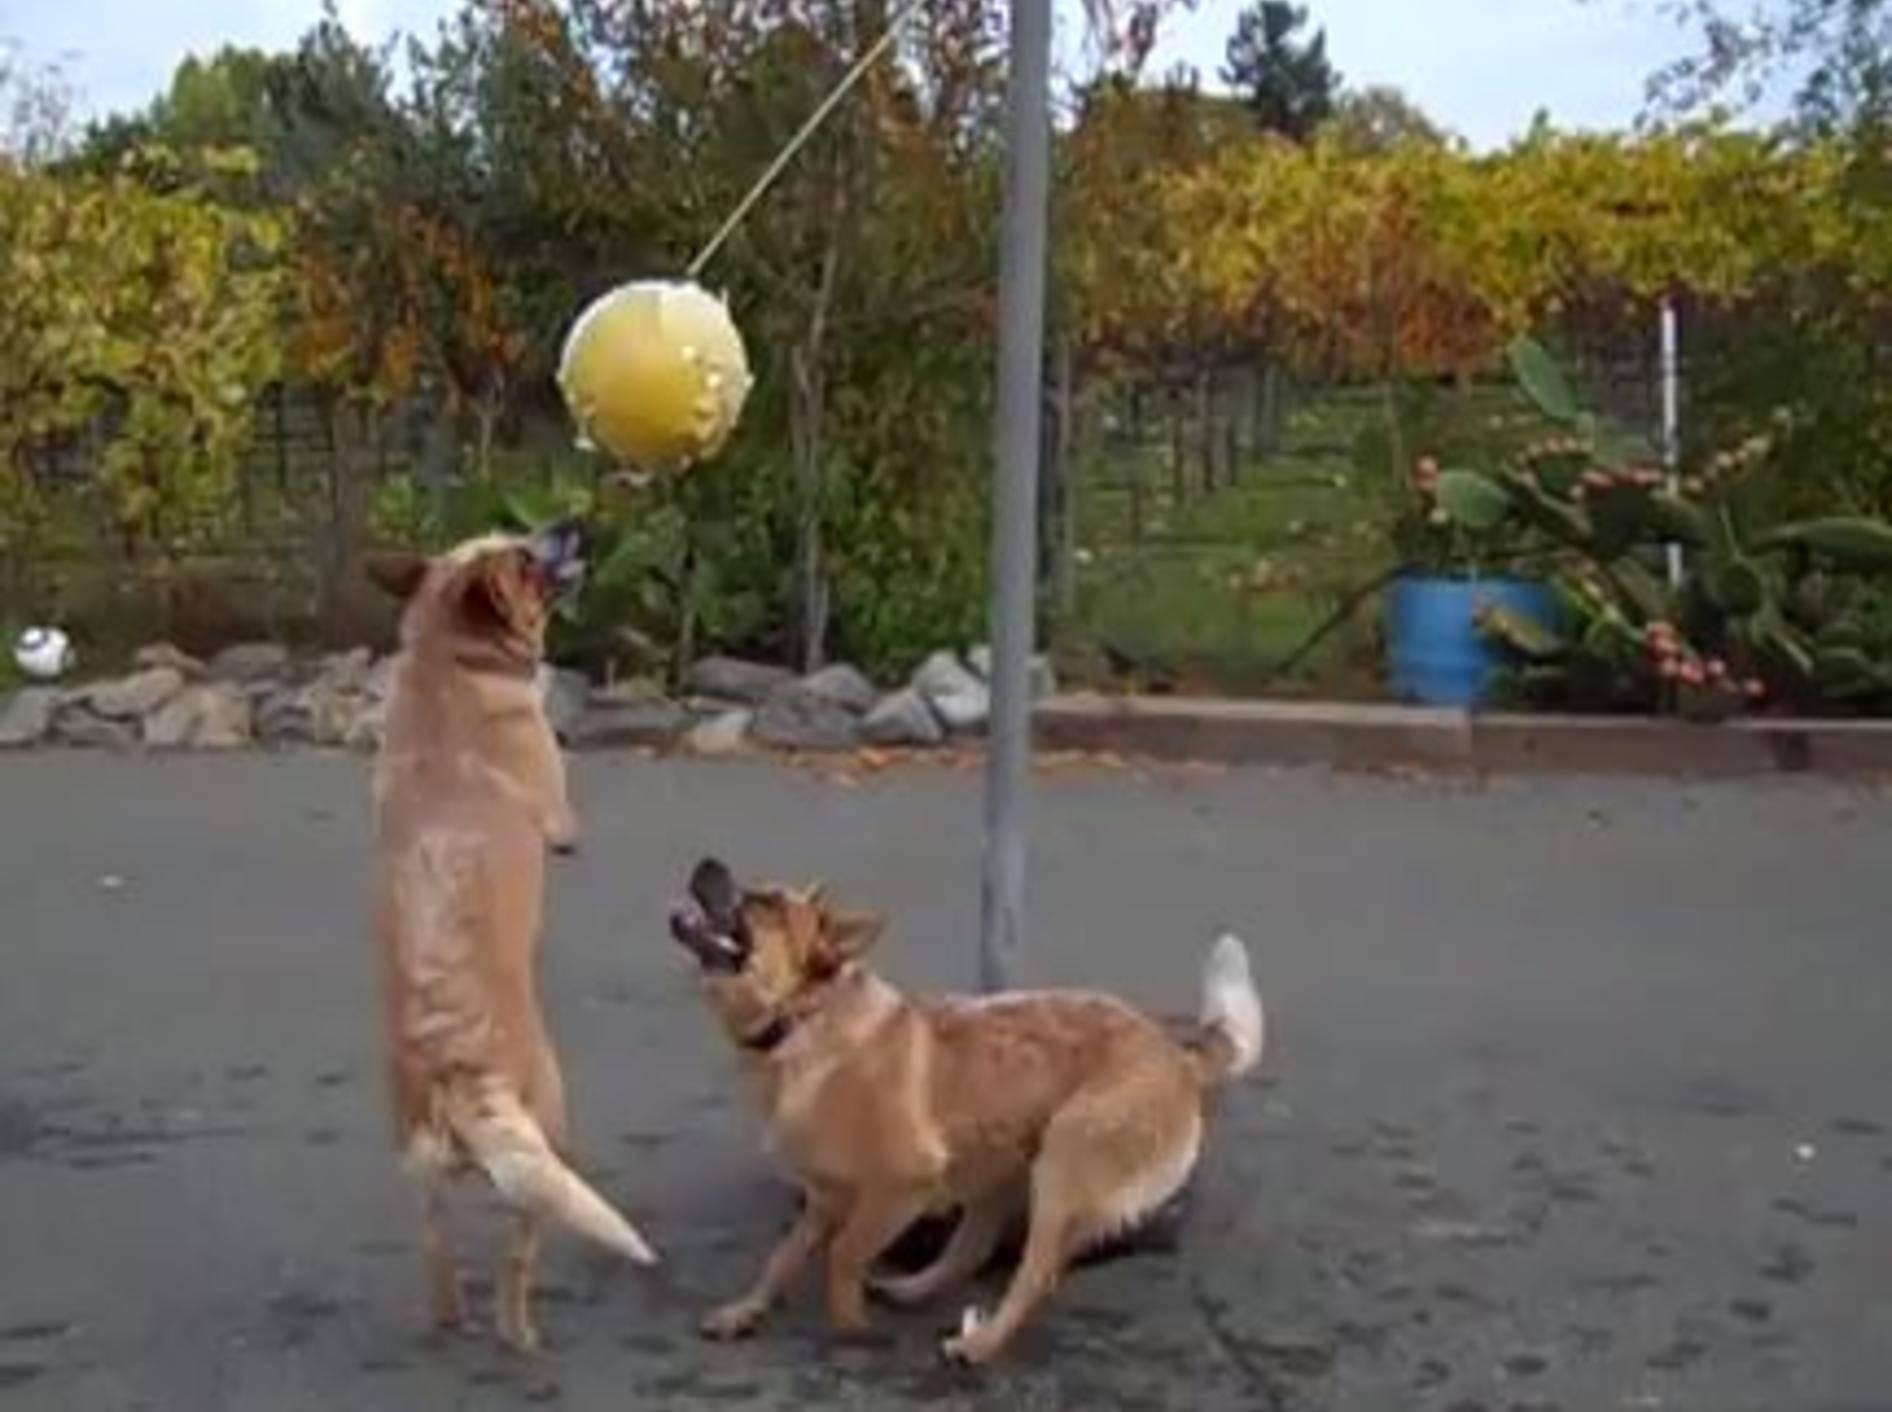 Die australischen Schäferhunde Wrangler und Doc haben Spaß am Tetherball - Bild: Youtube / 3332andisgo